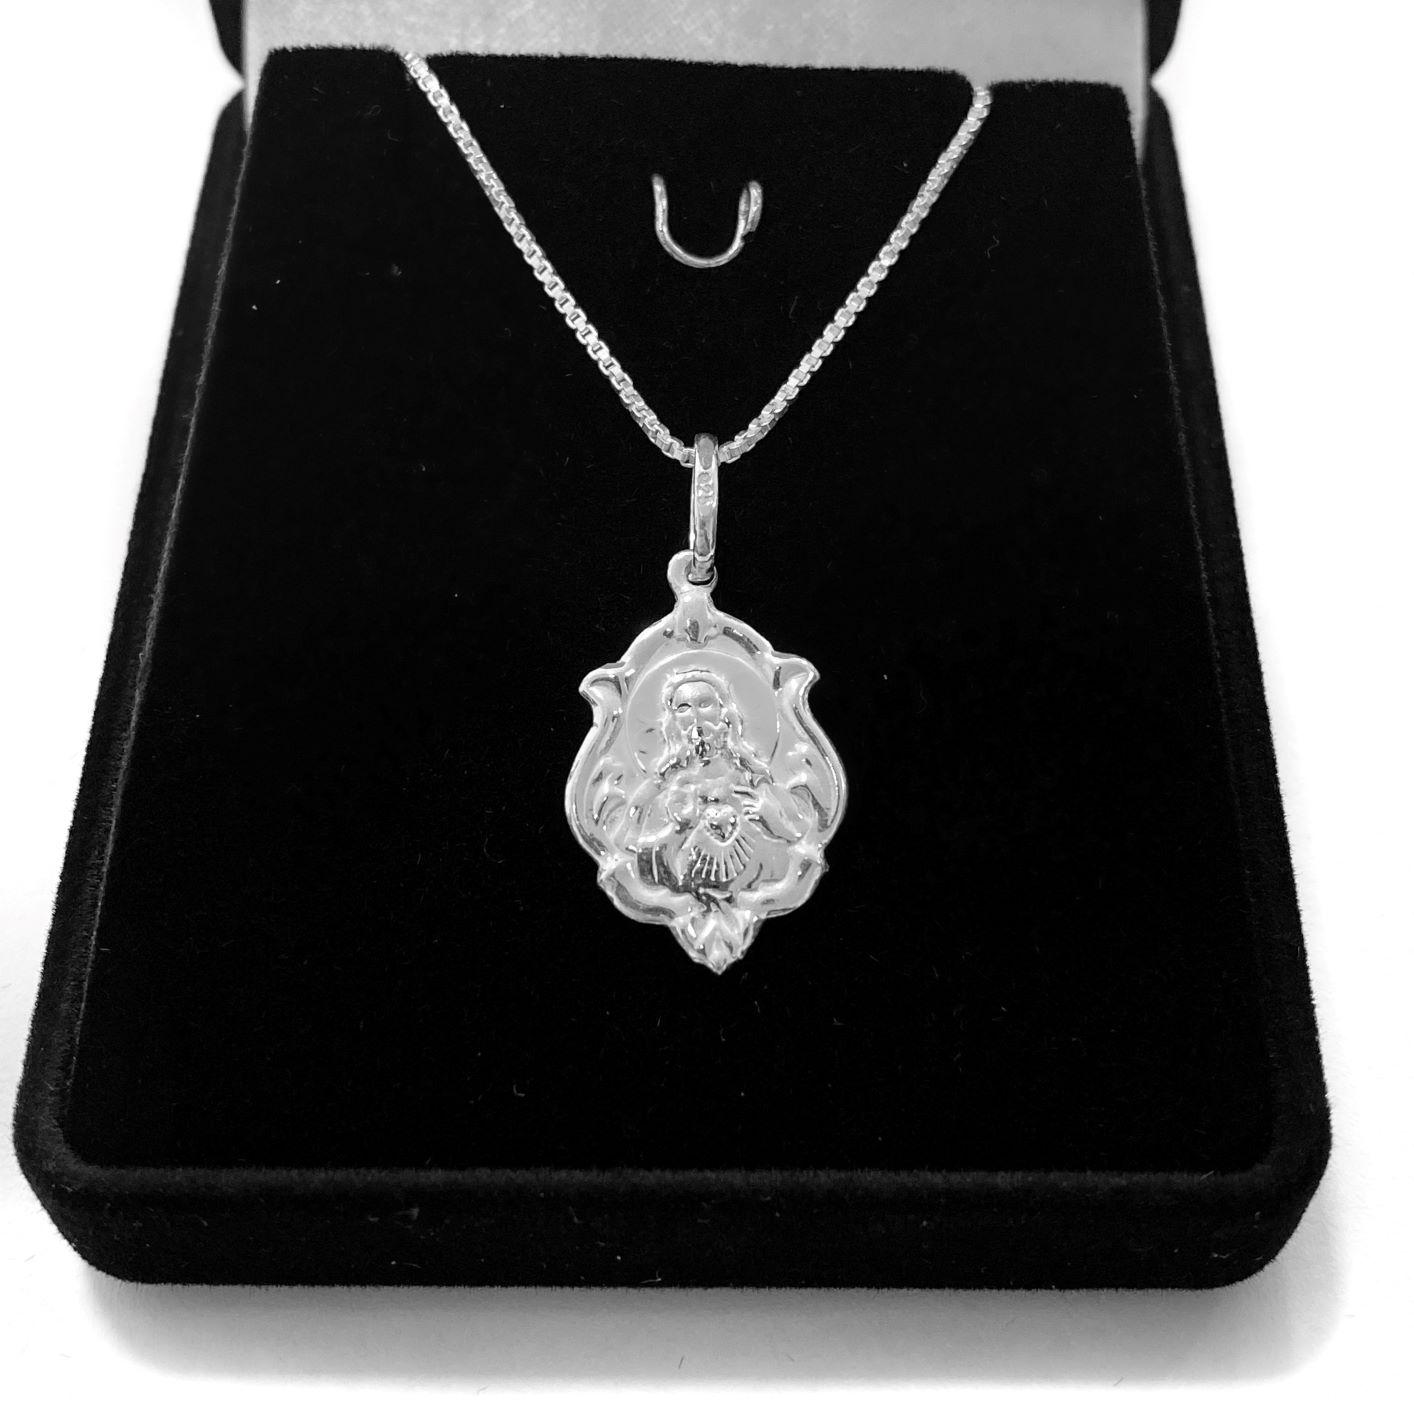 Pingente Medalha Sagrado Coração 2cm x 1,4cm (Prata 925 Italiana)